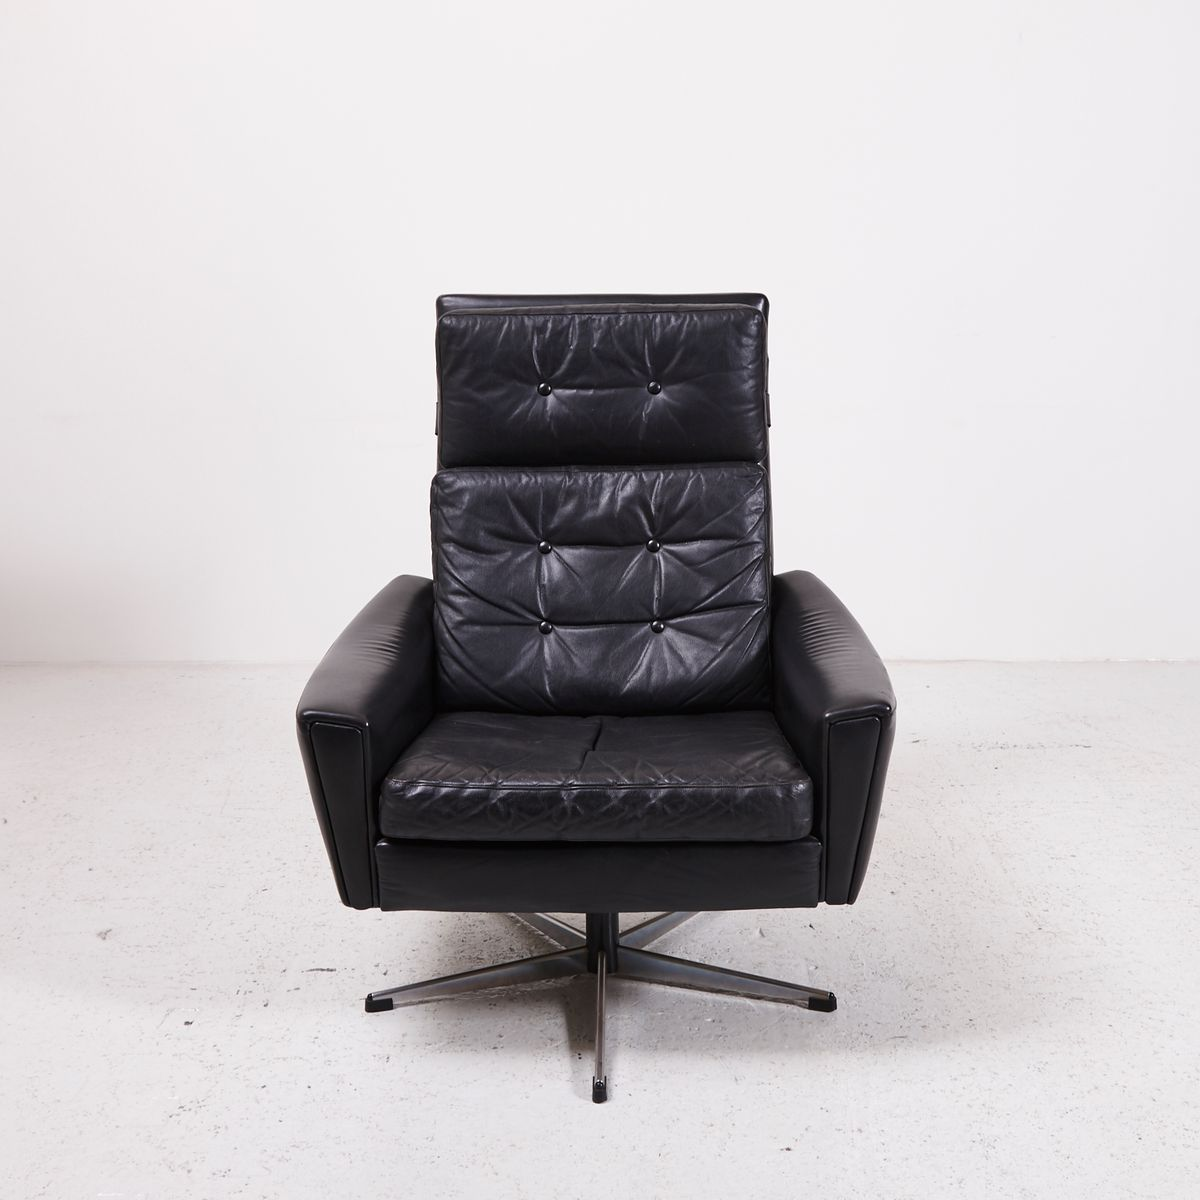 schwarzer drehsessel aus leder mit fu in sternenform. Black Bedroom Furniture Sets. Home Design Ideas